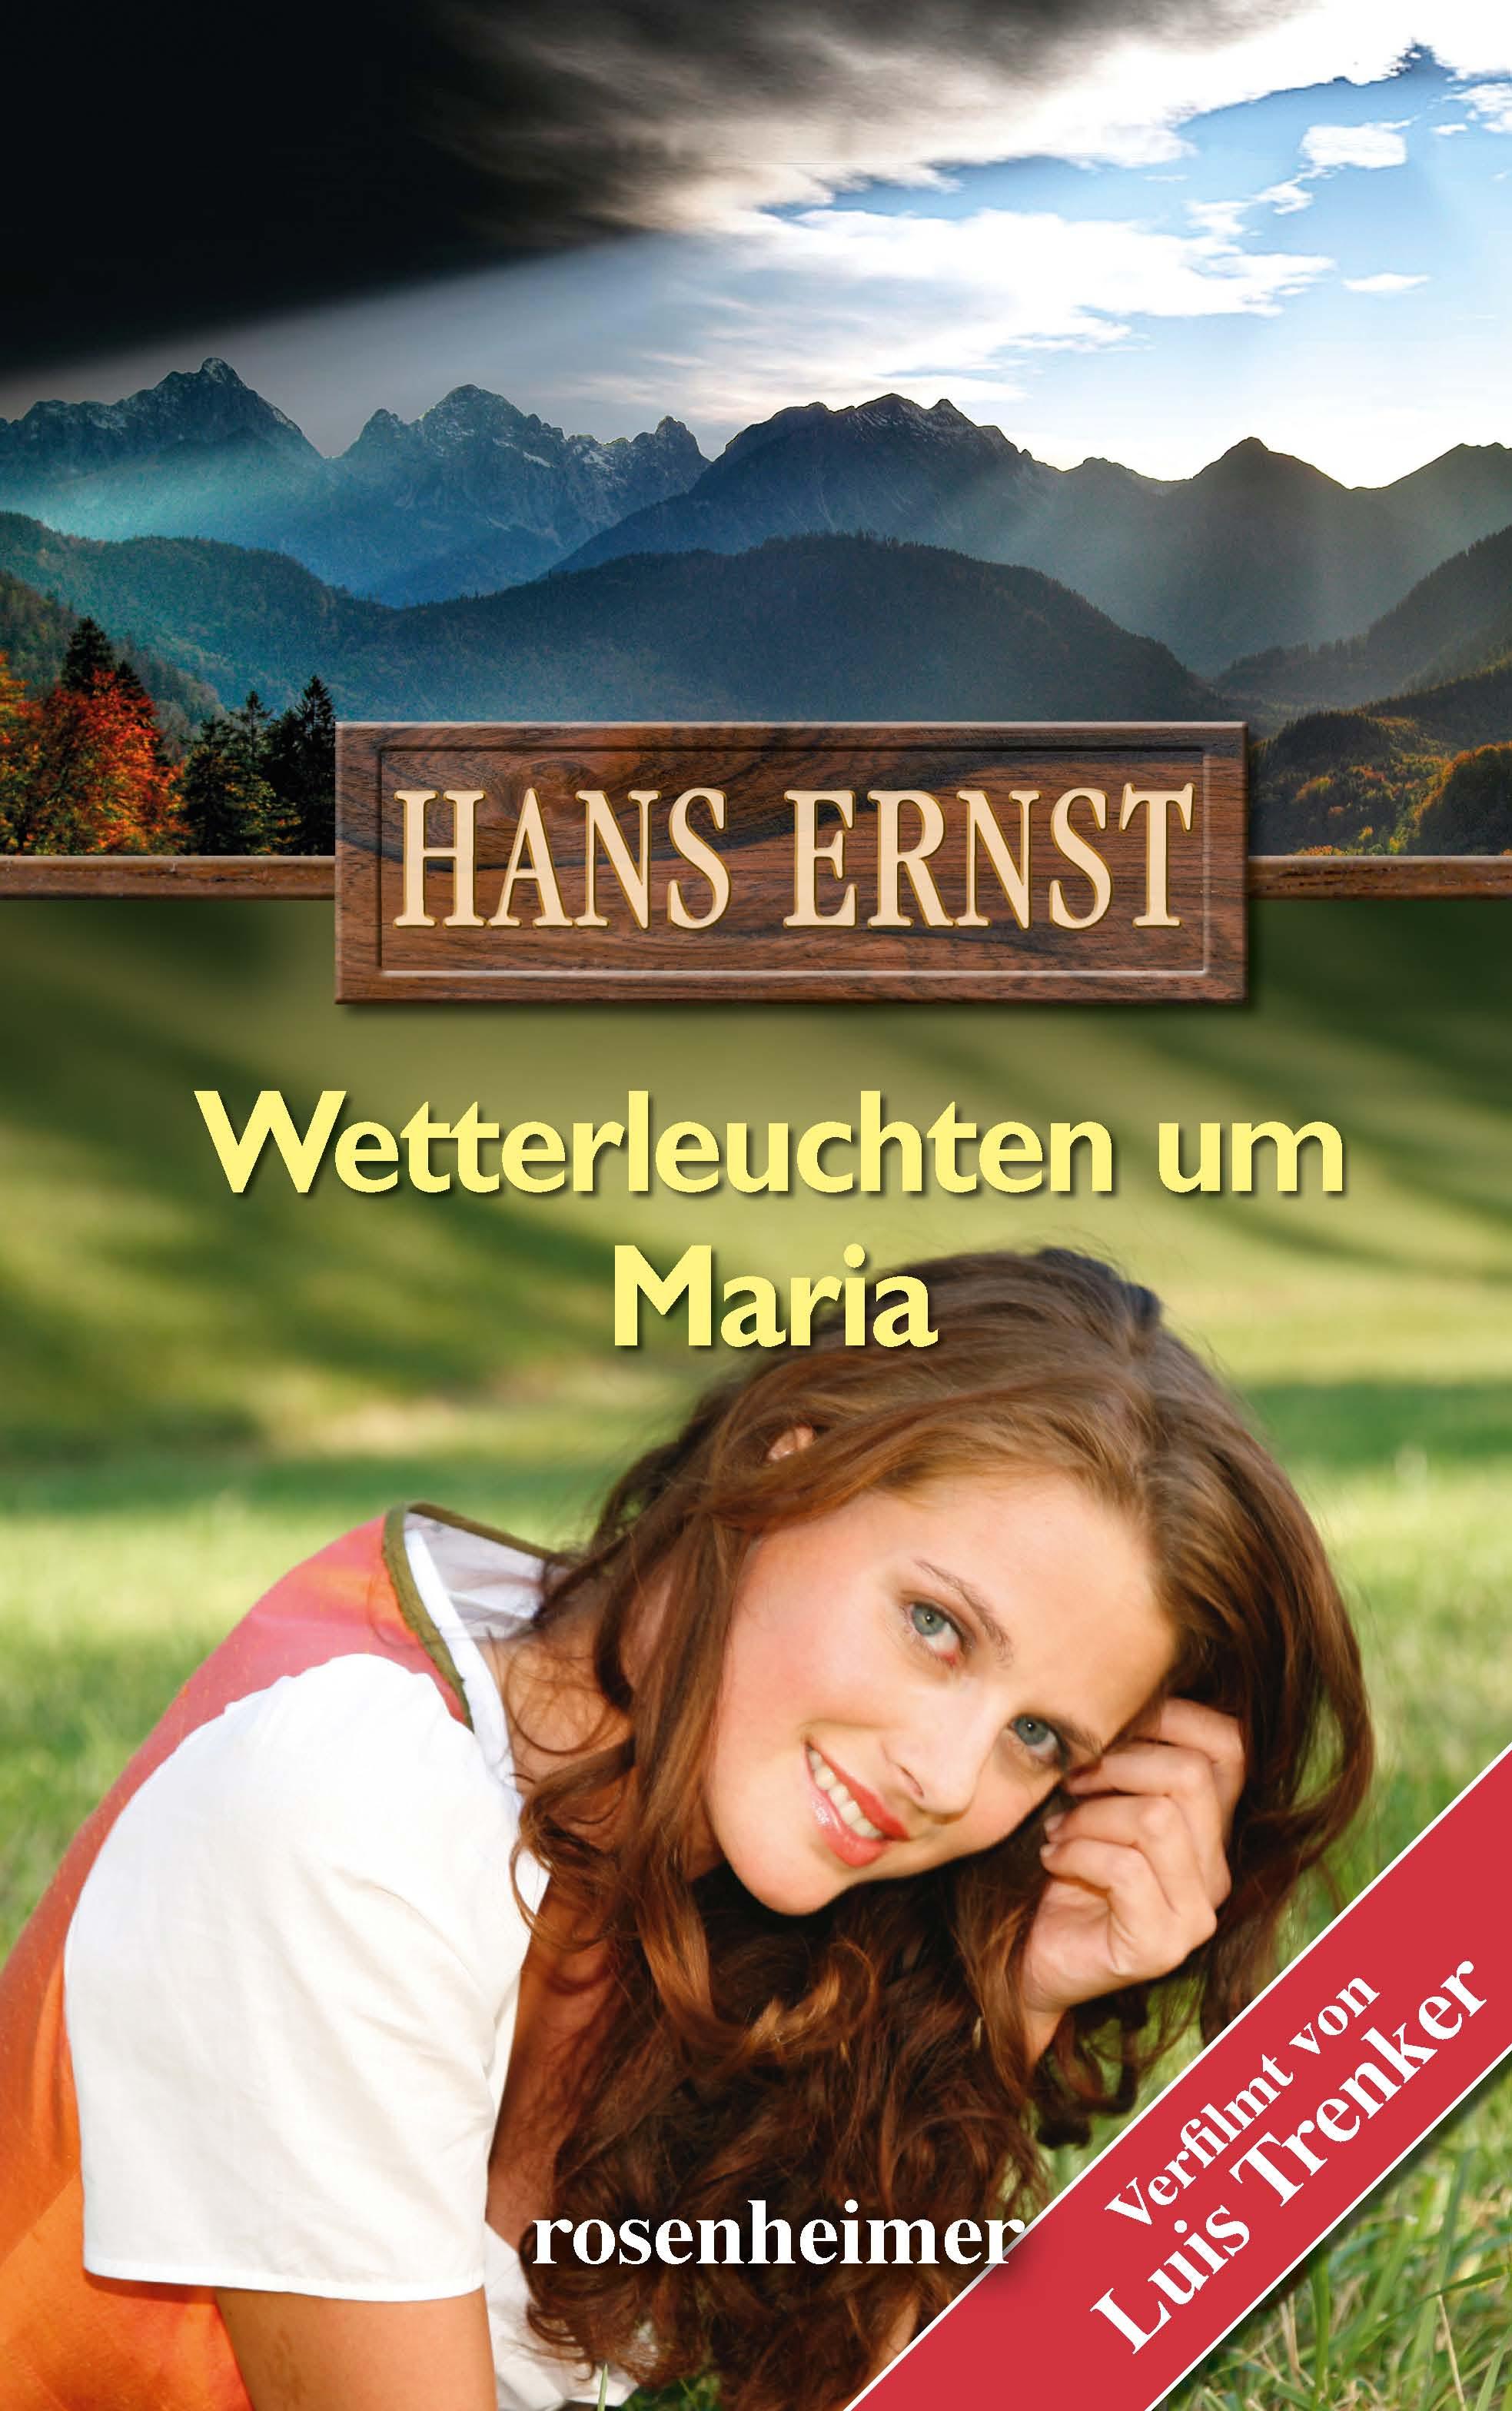 Hans Ernst Wetterleuchten um Maria kinck hans ernst italienere